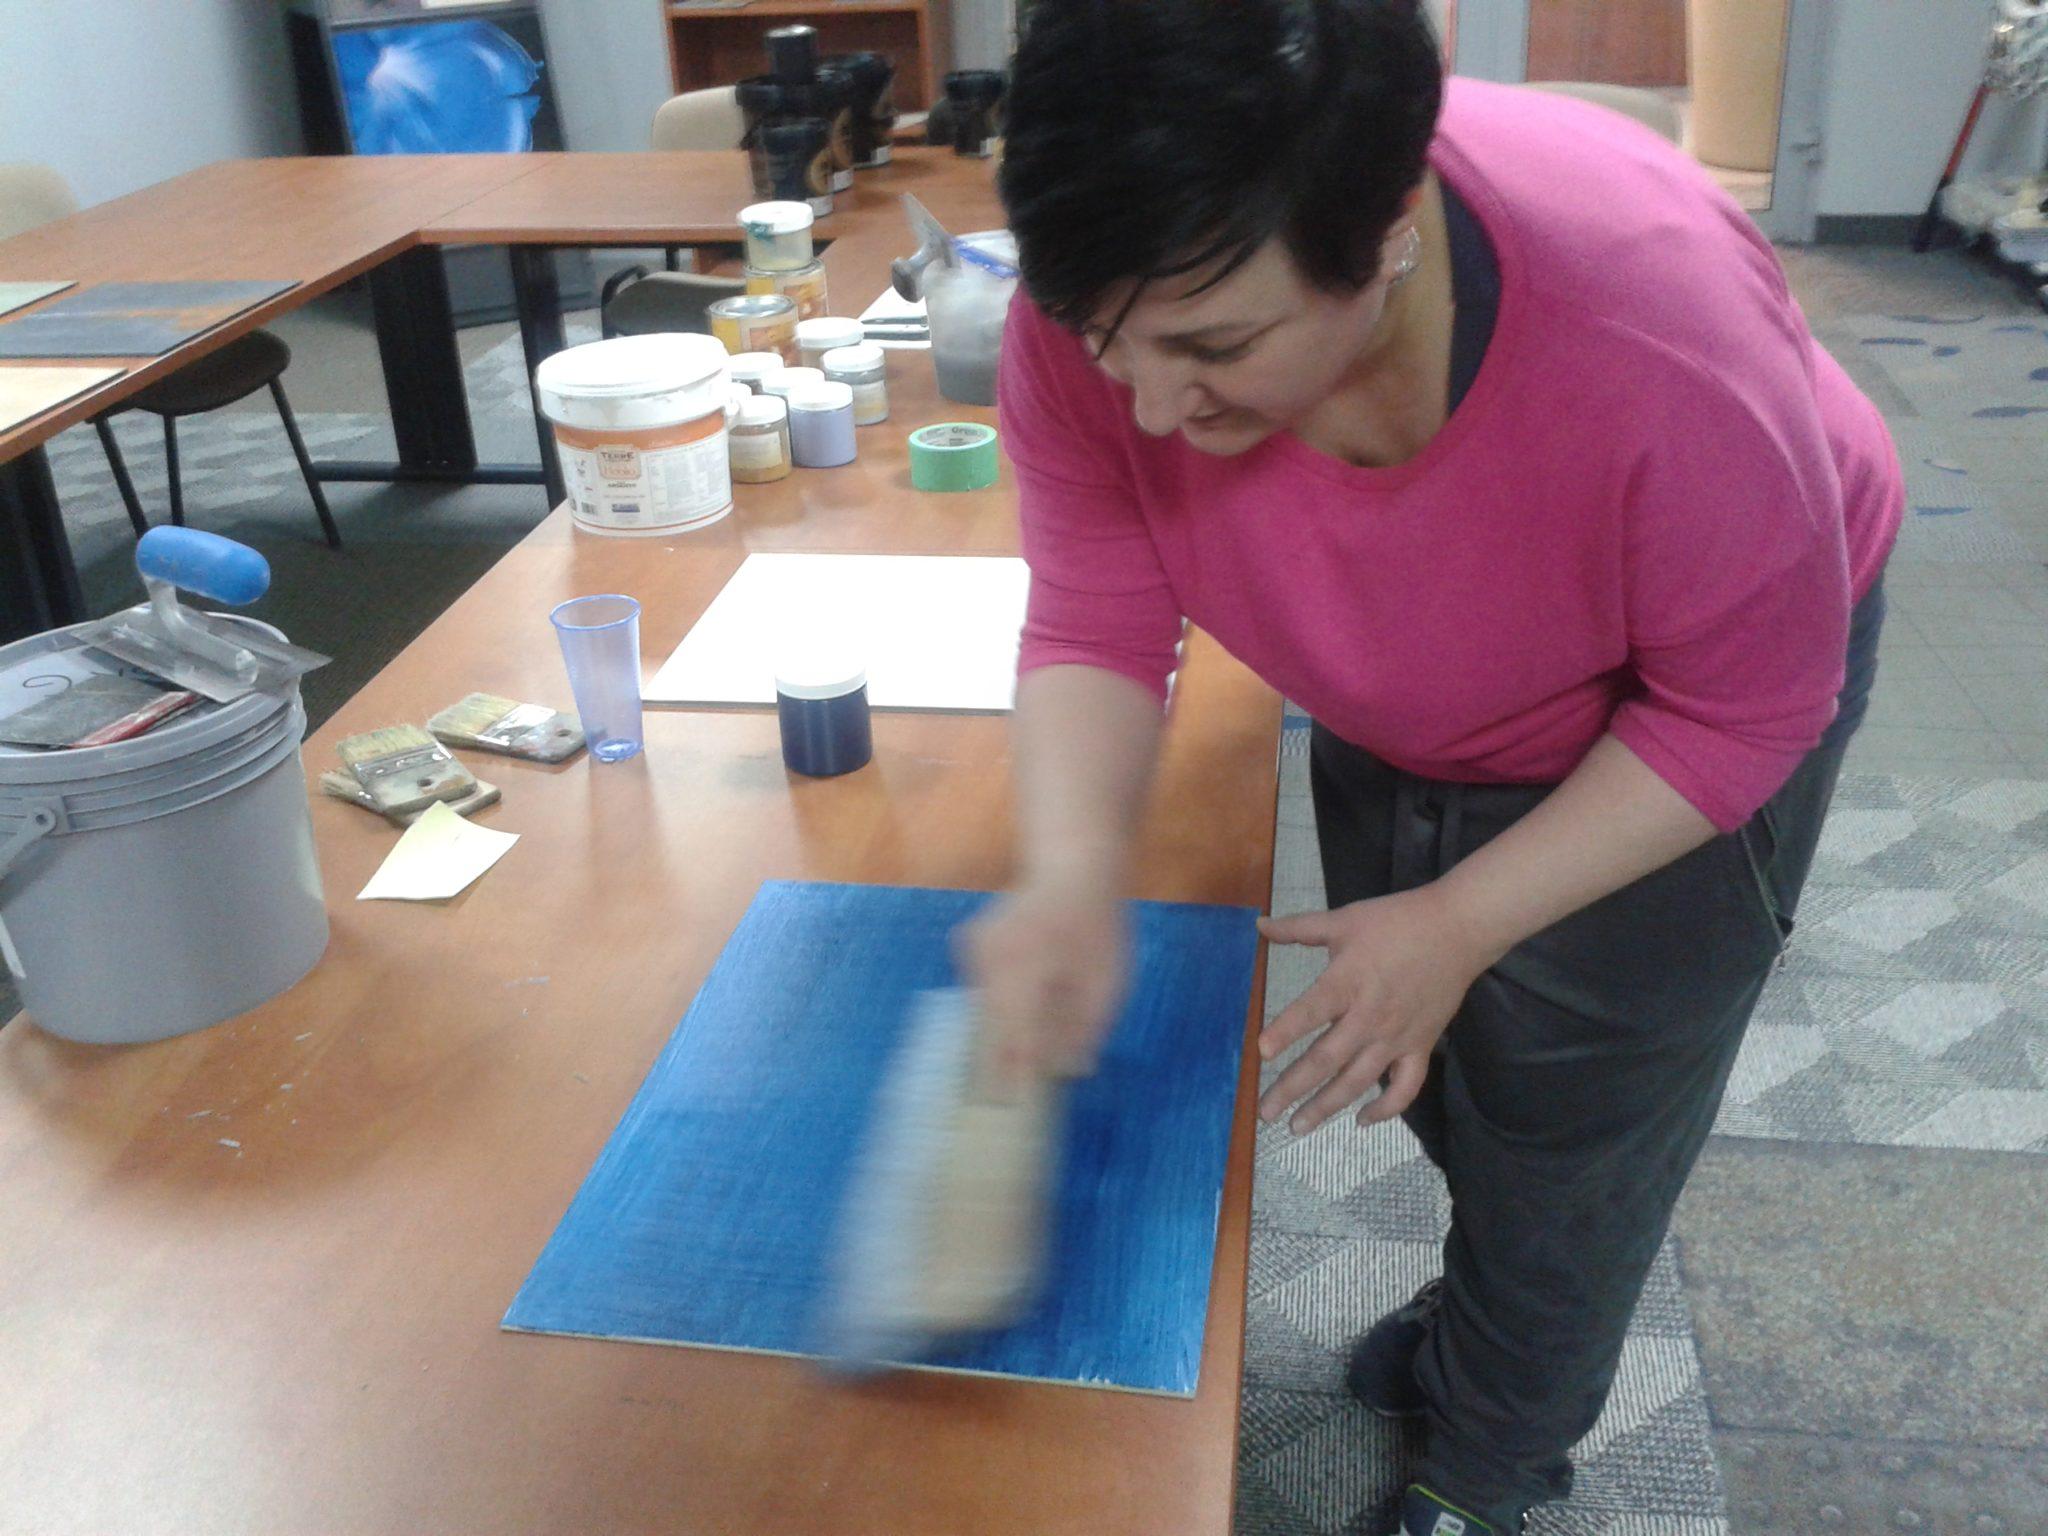 2 benjamin moore paints denim effect wall decorating home decor ideas interior design malowanie scian urzadzanie mieszkania projwktowanie wnetrz pomysly do domu sciana z dzinsu jeans wall